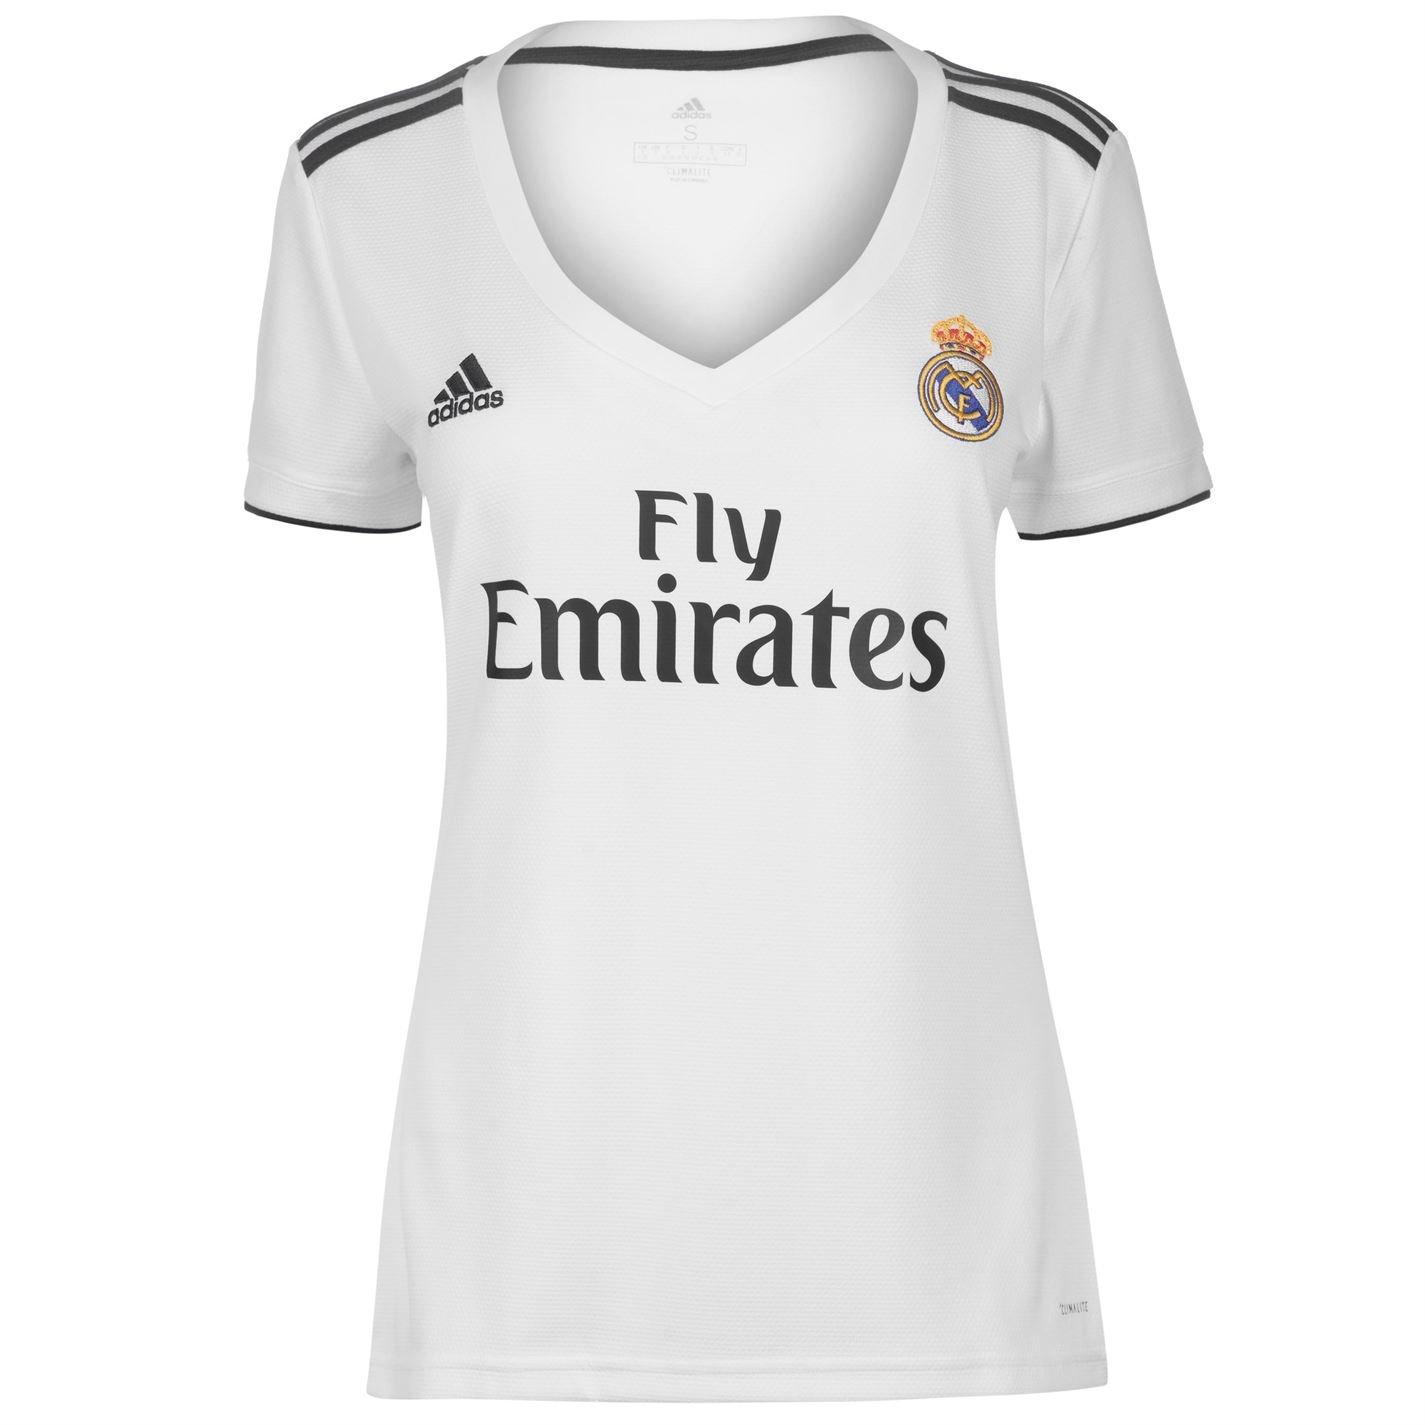 adidas Real Madrid 2018/2019 Camiseta 2ª Equipación, Mujer: Amazon.es: Deportes y aire libre